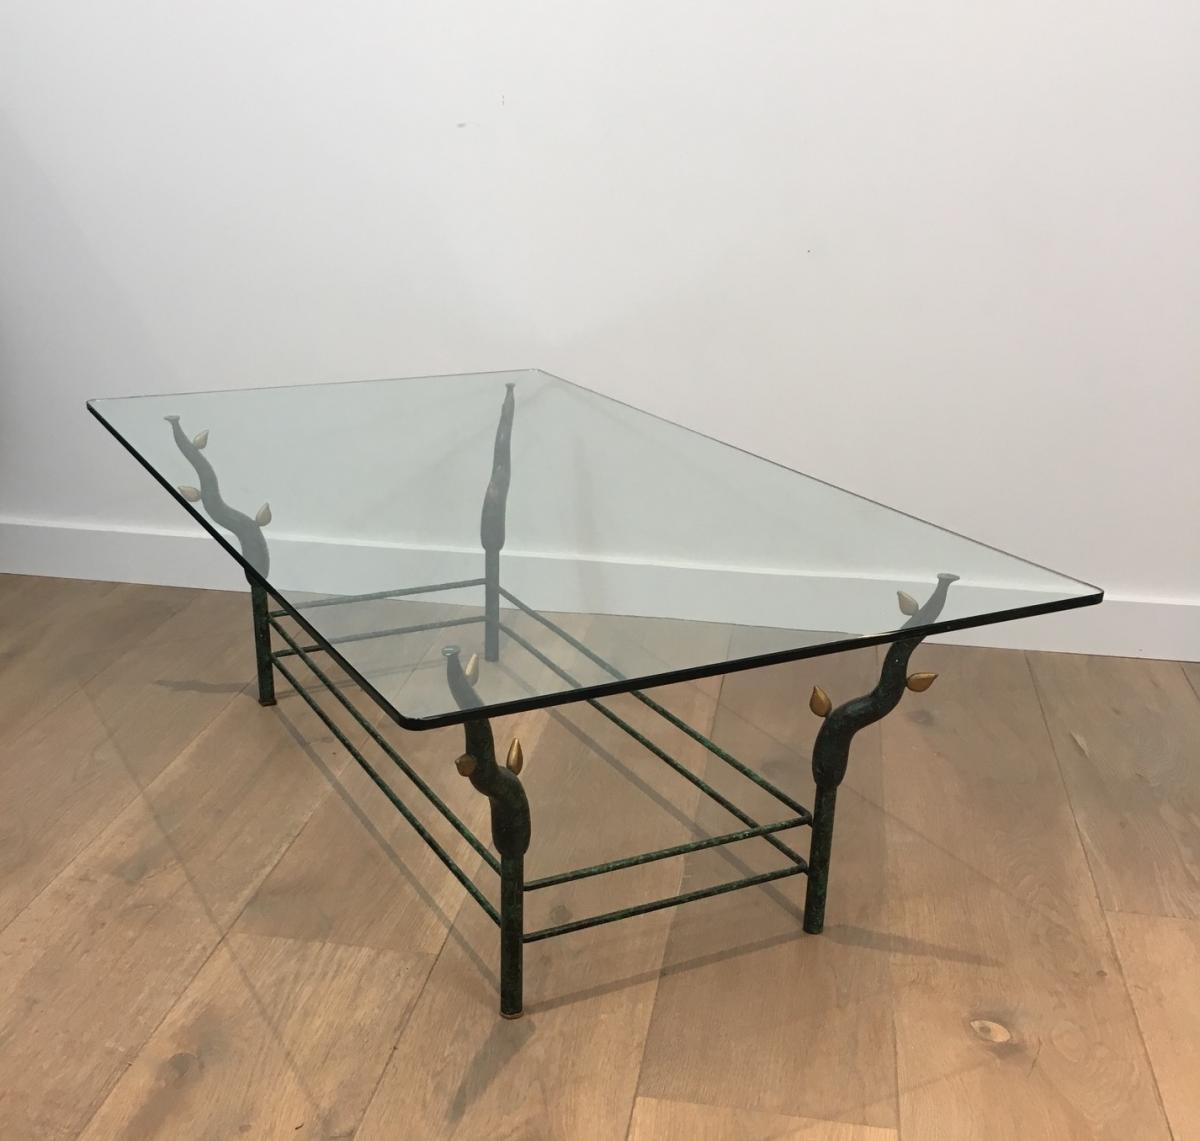 Table Basse En Fer Forgé Originale à Piètement Constitué De Branches d'Arbre.